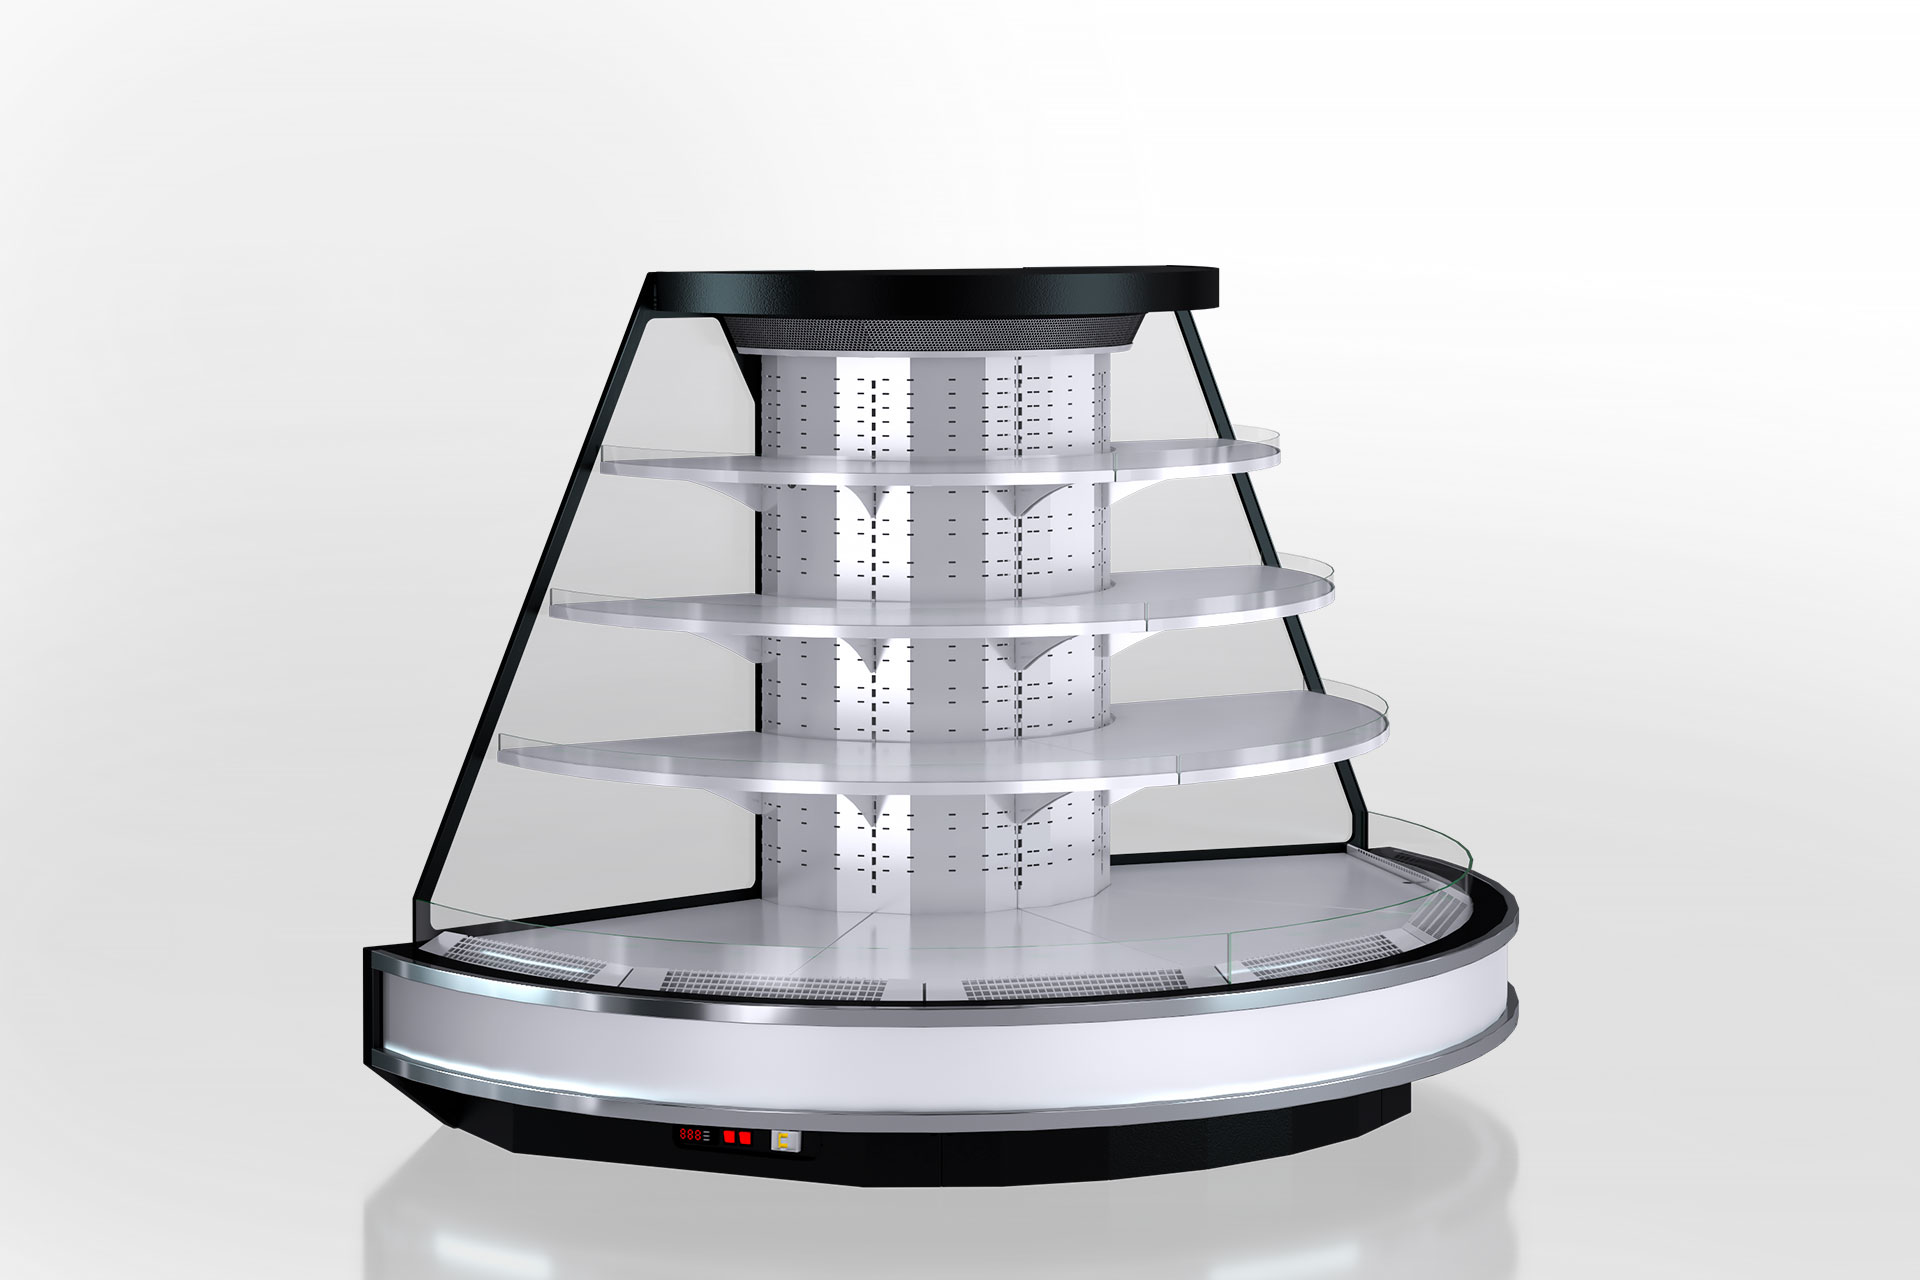 Холодильнные полувертикальные витрины Мissouri cold diamond island MV 110 deli self 150-DLM-TR220